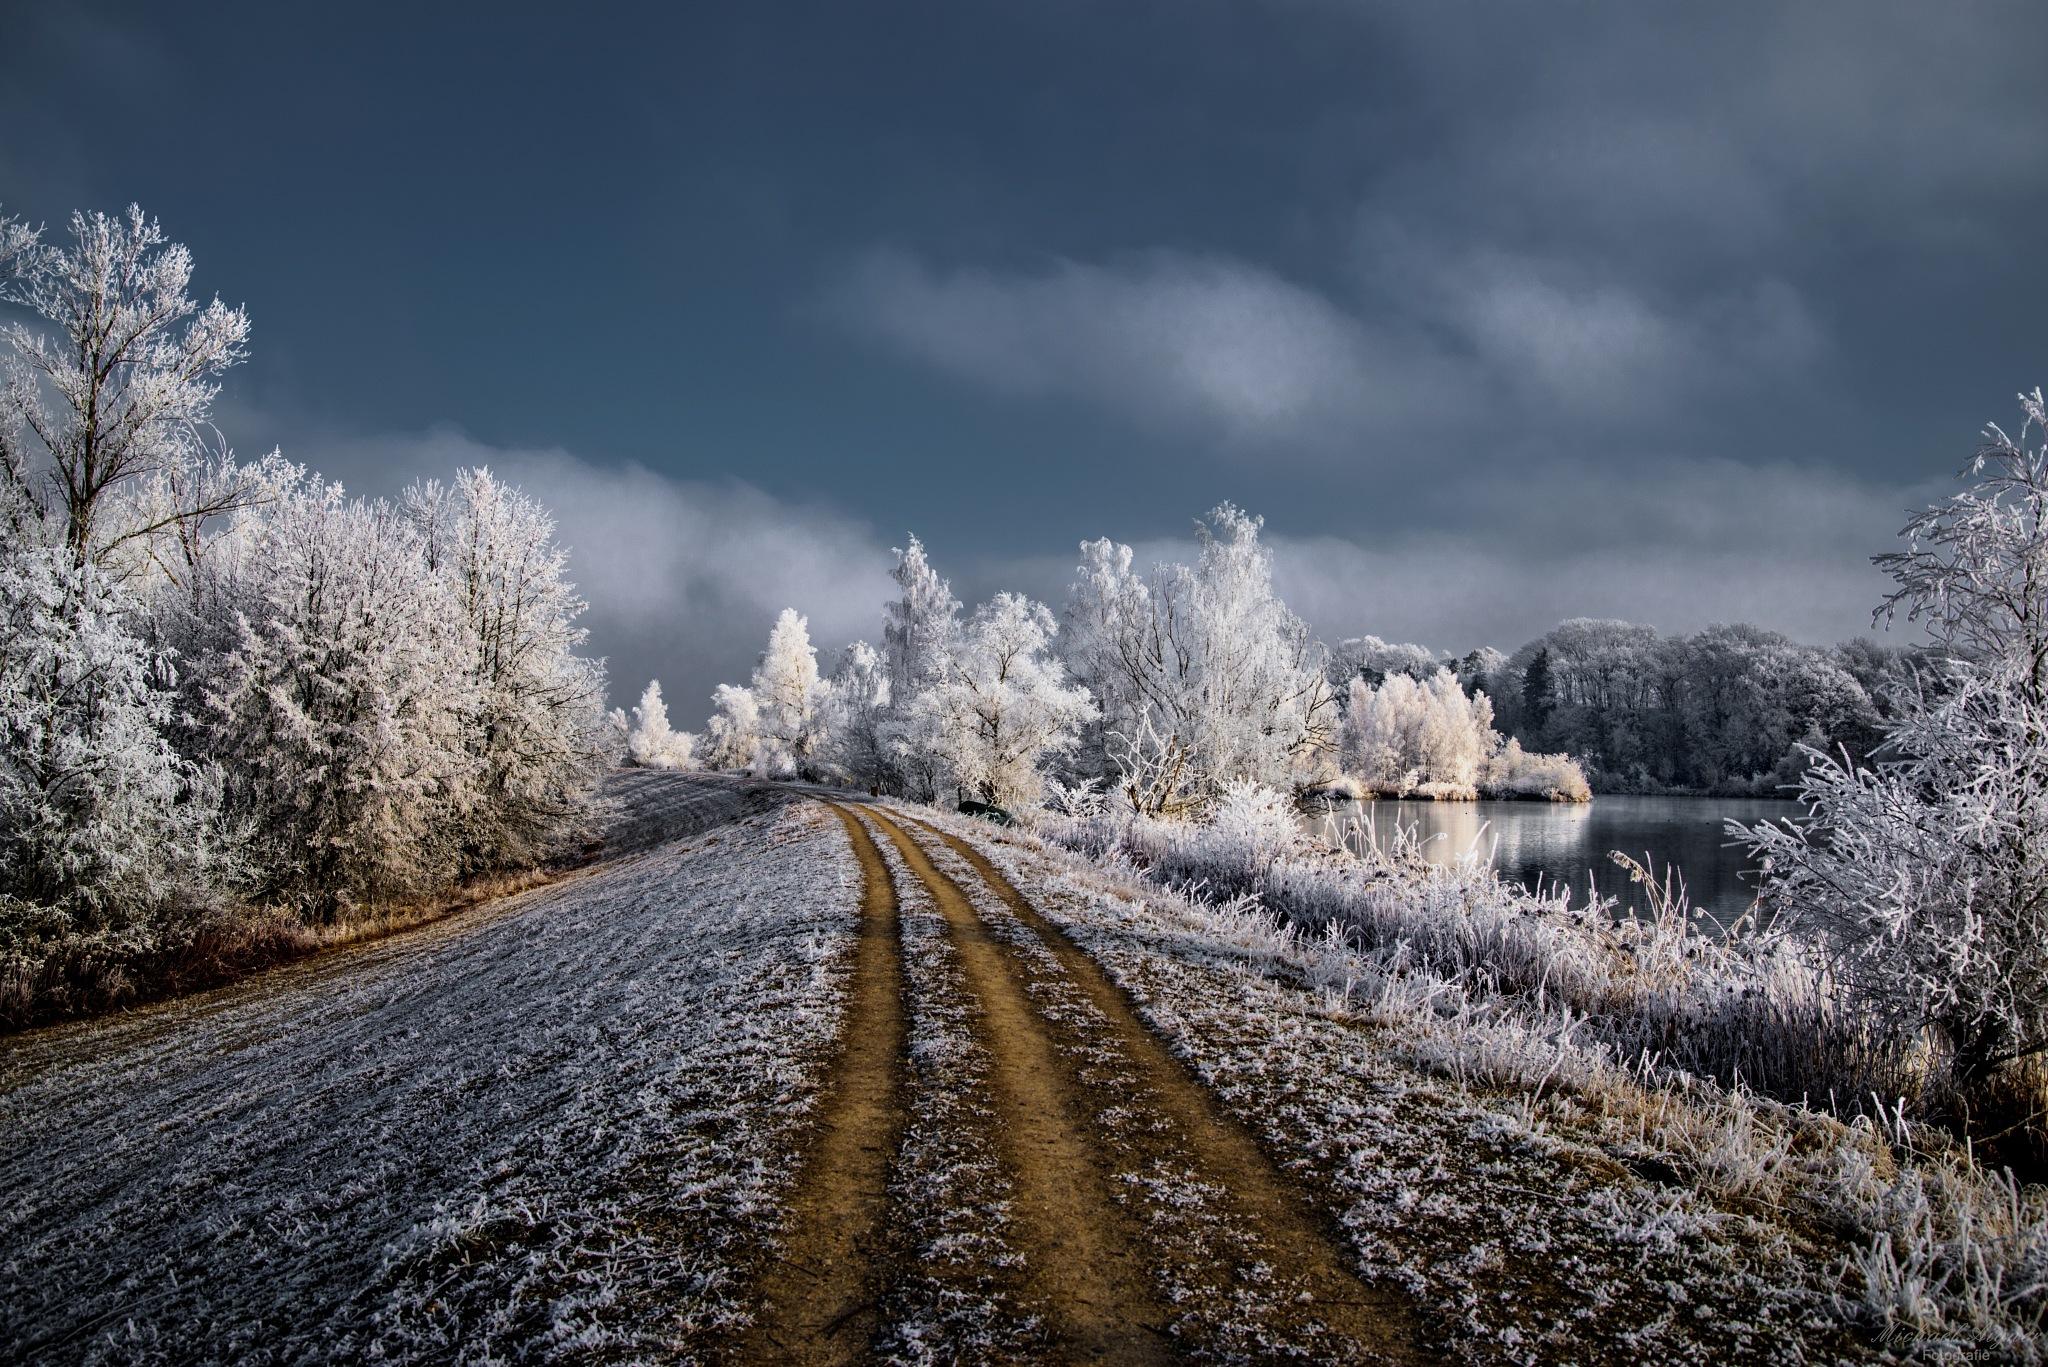 Cold sun 2 by Blackline - Michael Aigner